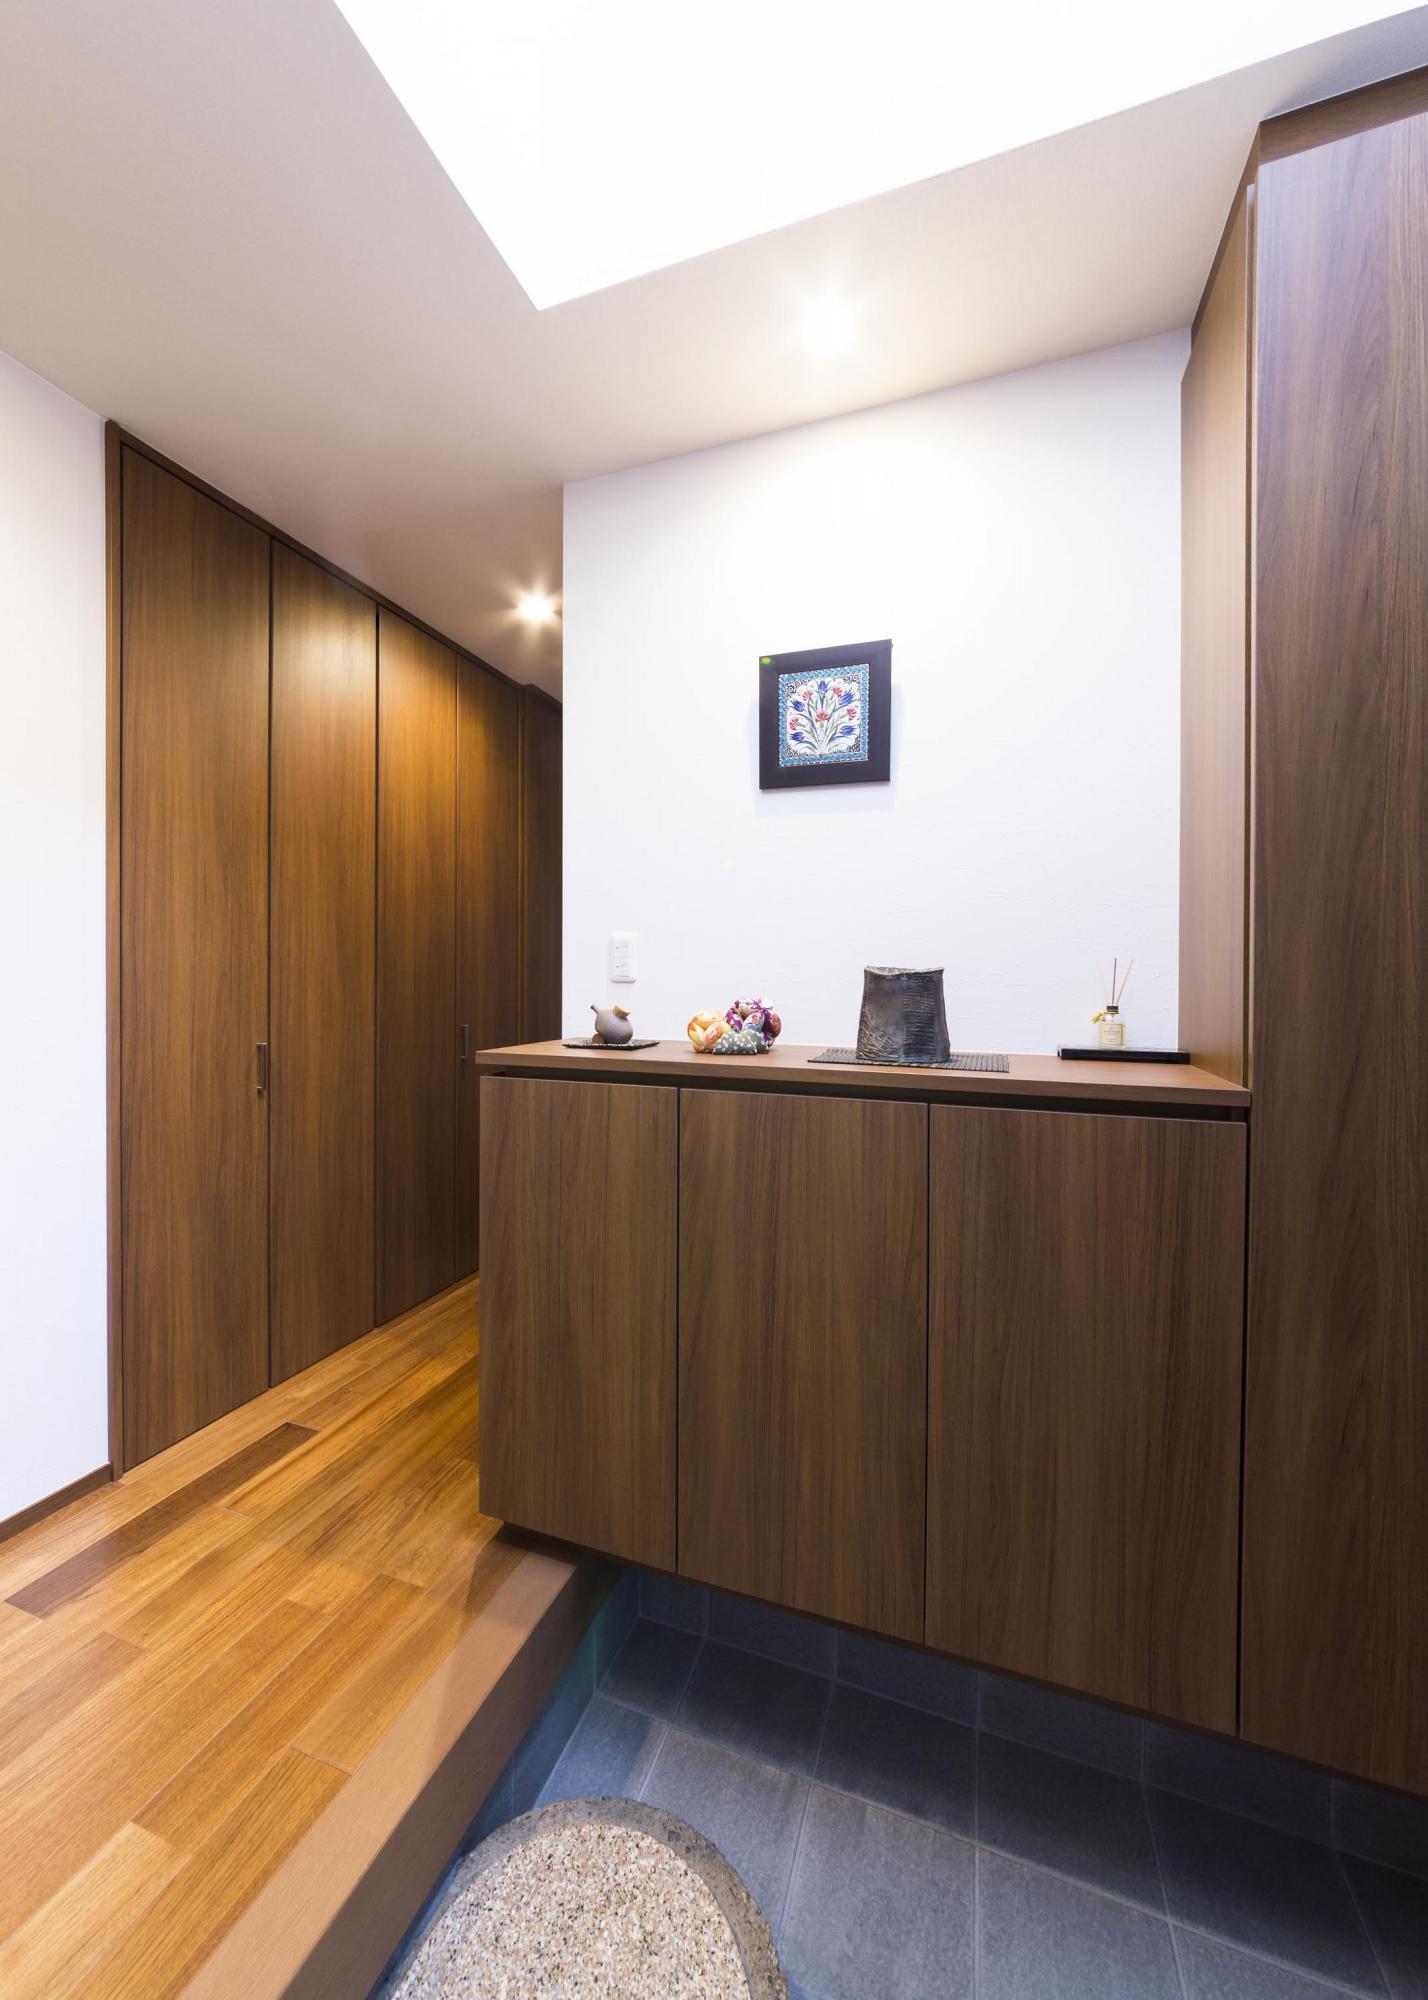 新たにシューズクロークを設置した玄関。その向かいには大きな物を収められる収納庫が。廊下の左壁の厚さを活用して食品庫も設けた。